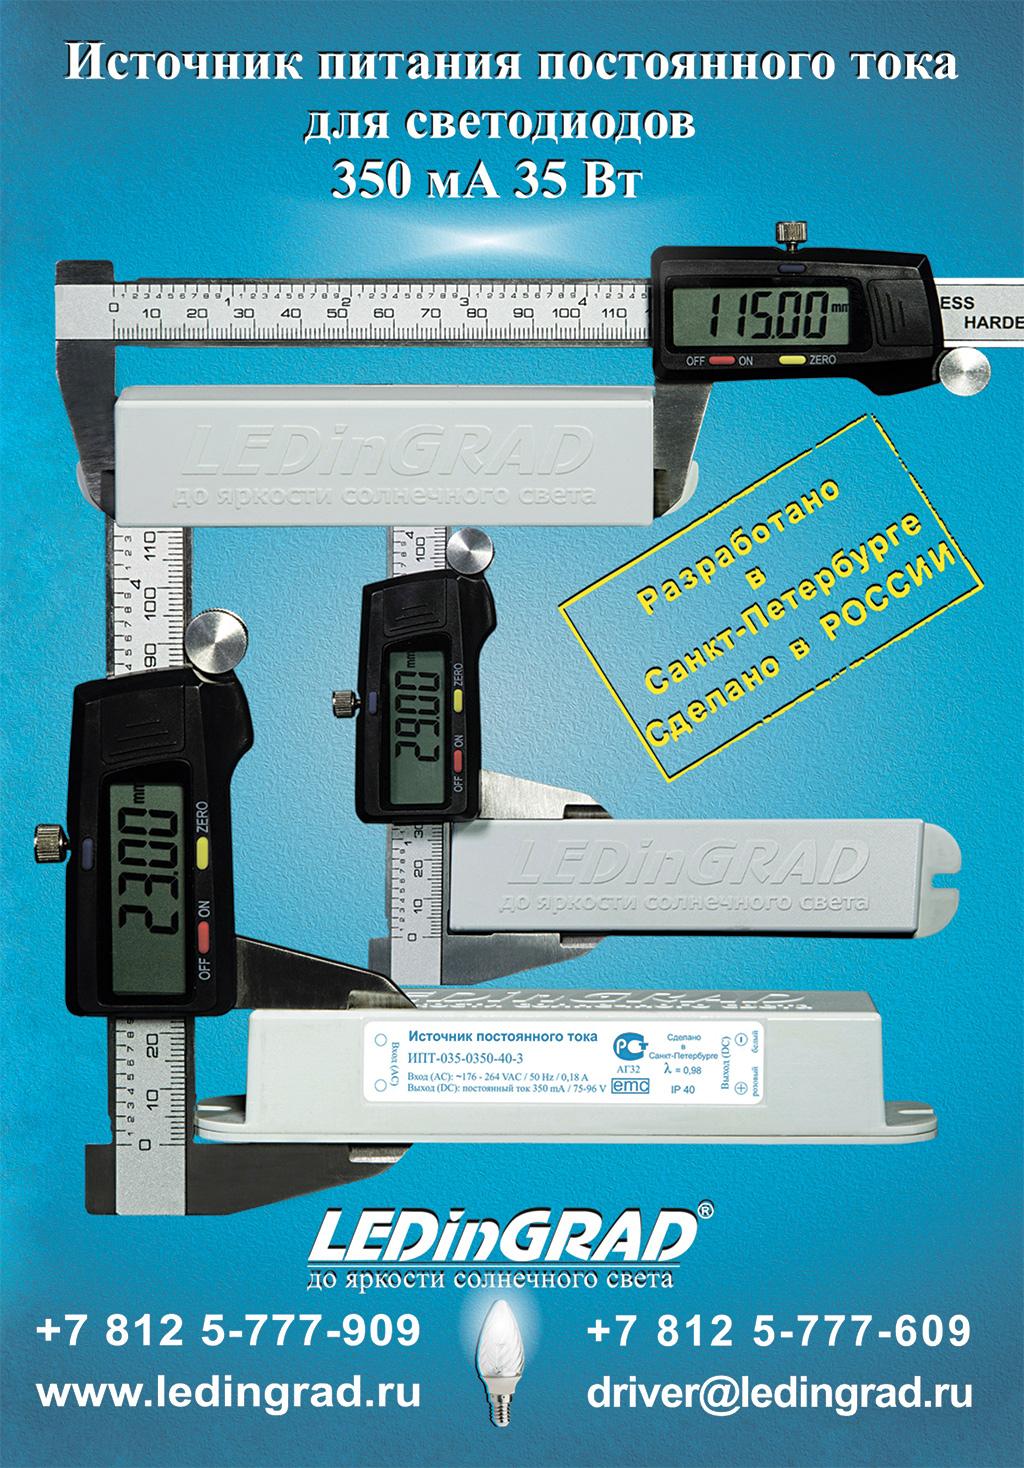 Источник постоянного тока ИПТ-035 -0350-40-3 Ledingrad